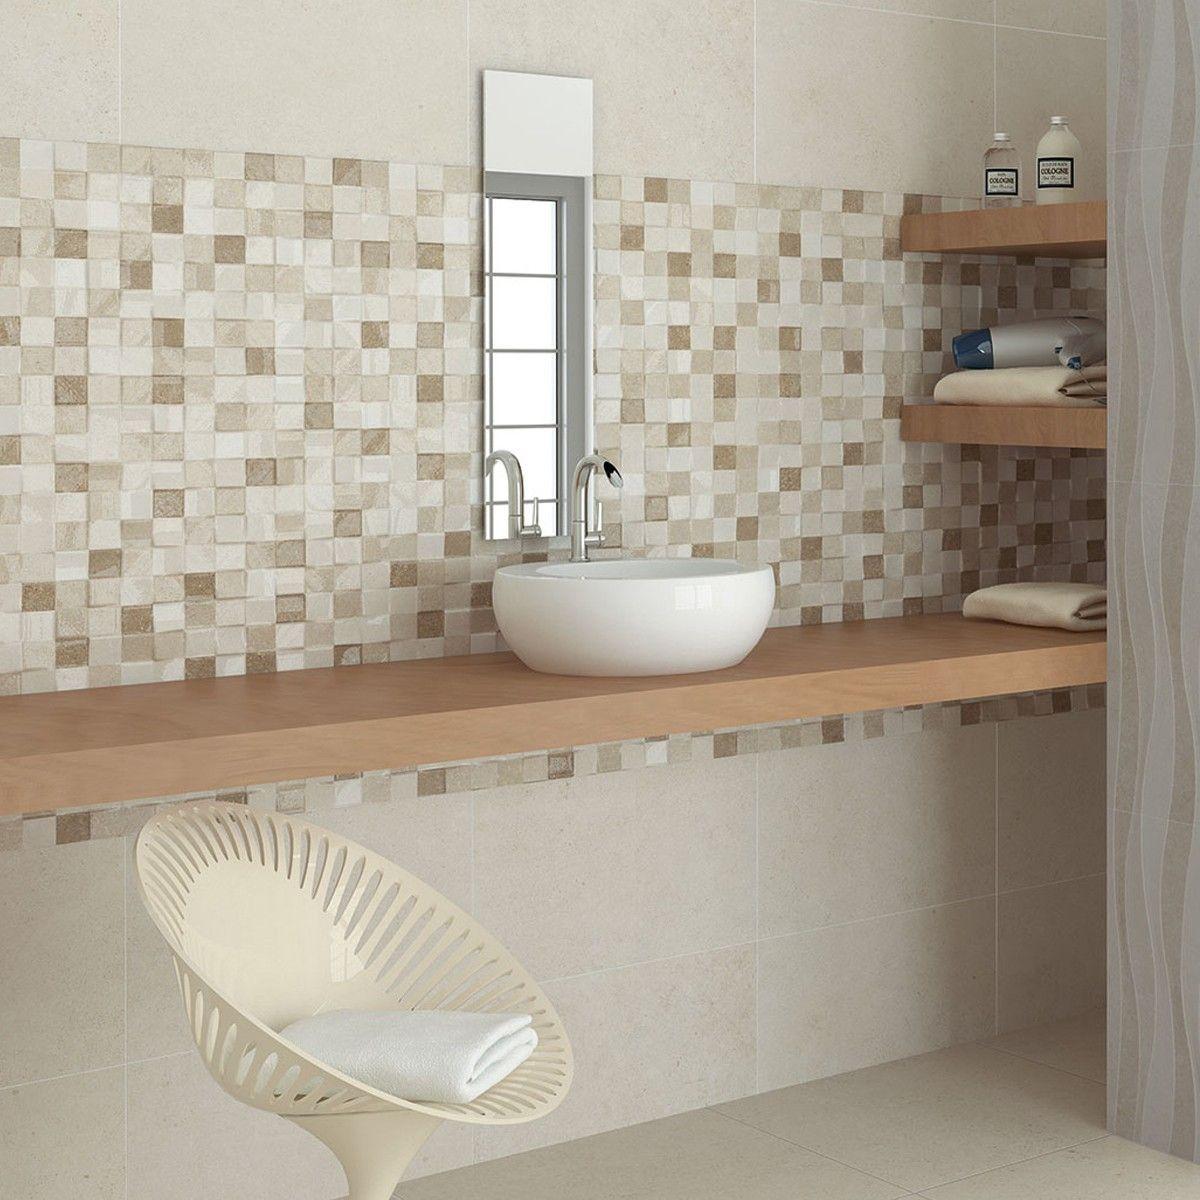 come-ristrutturare-un-bagno-senza-demolizioni-6